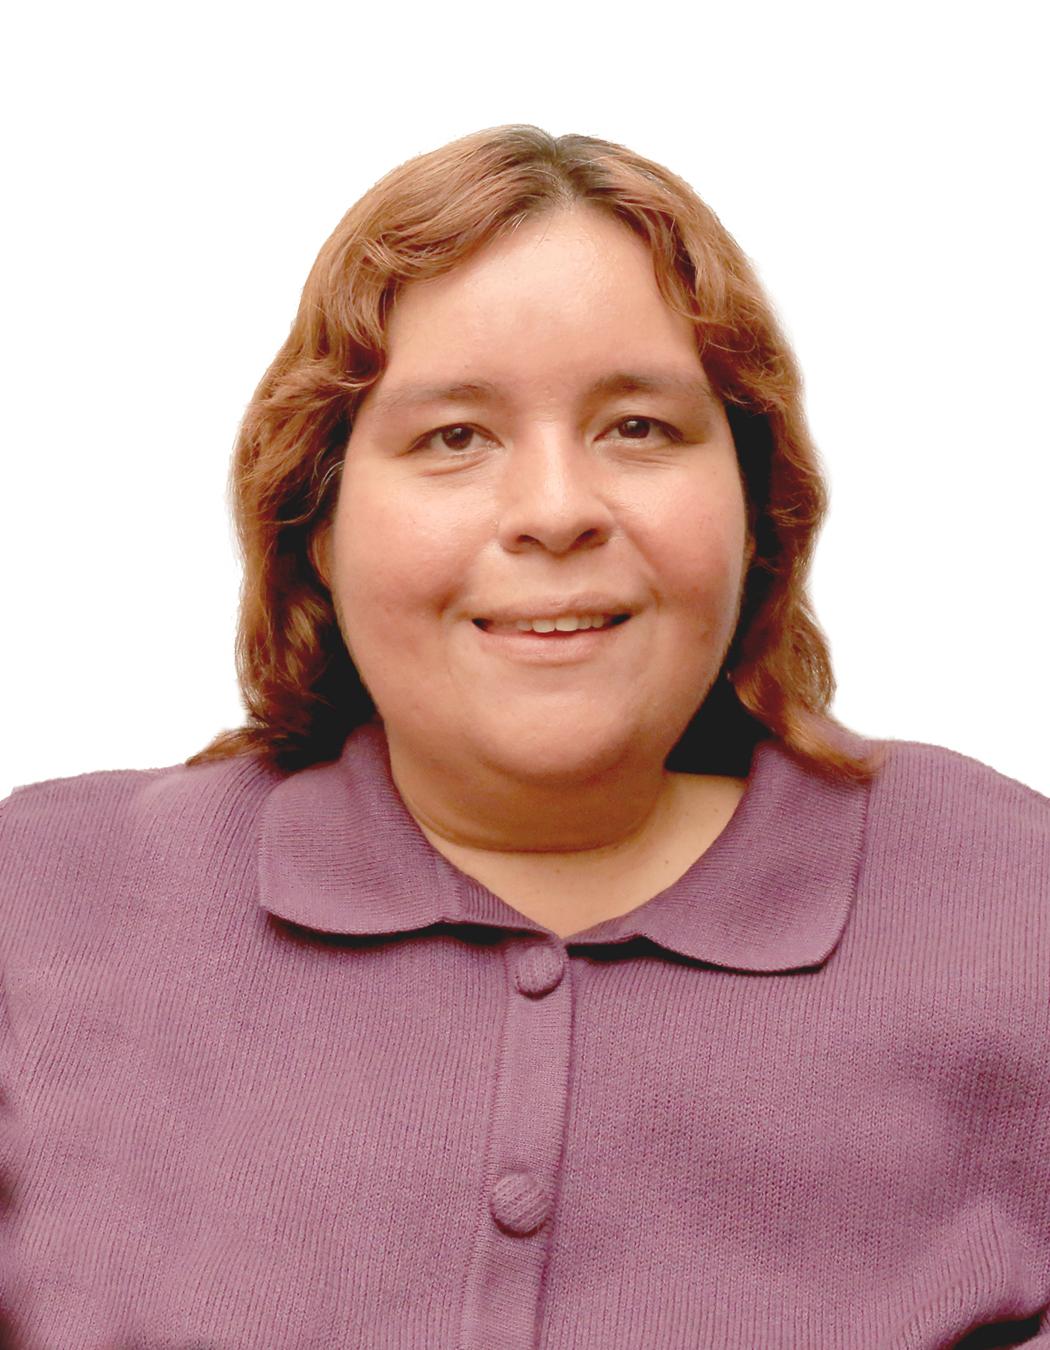 CLAUDIA ALEJANDRA RENTERÍA GARCÉS